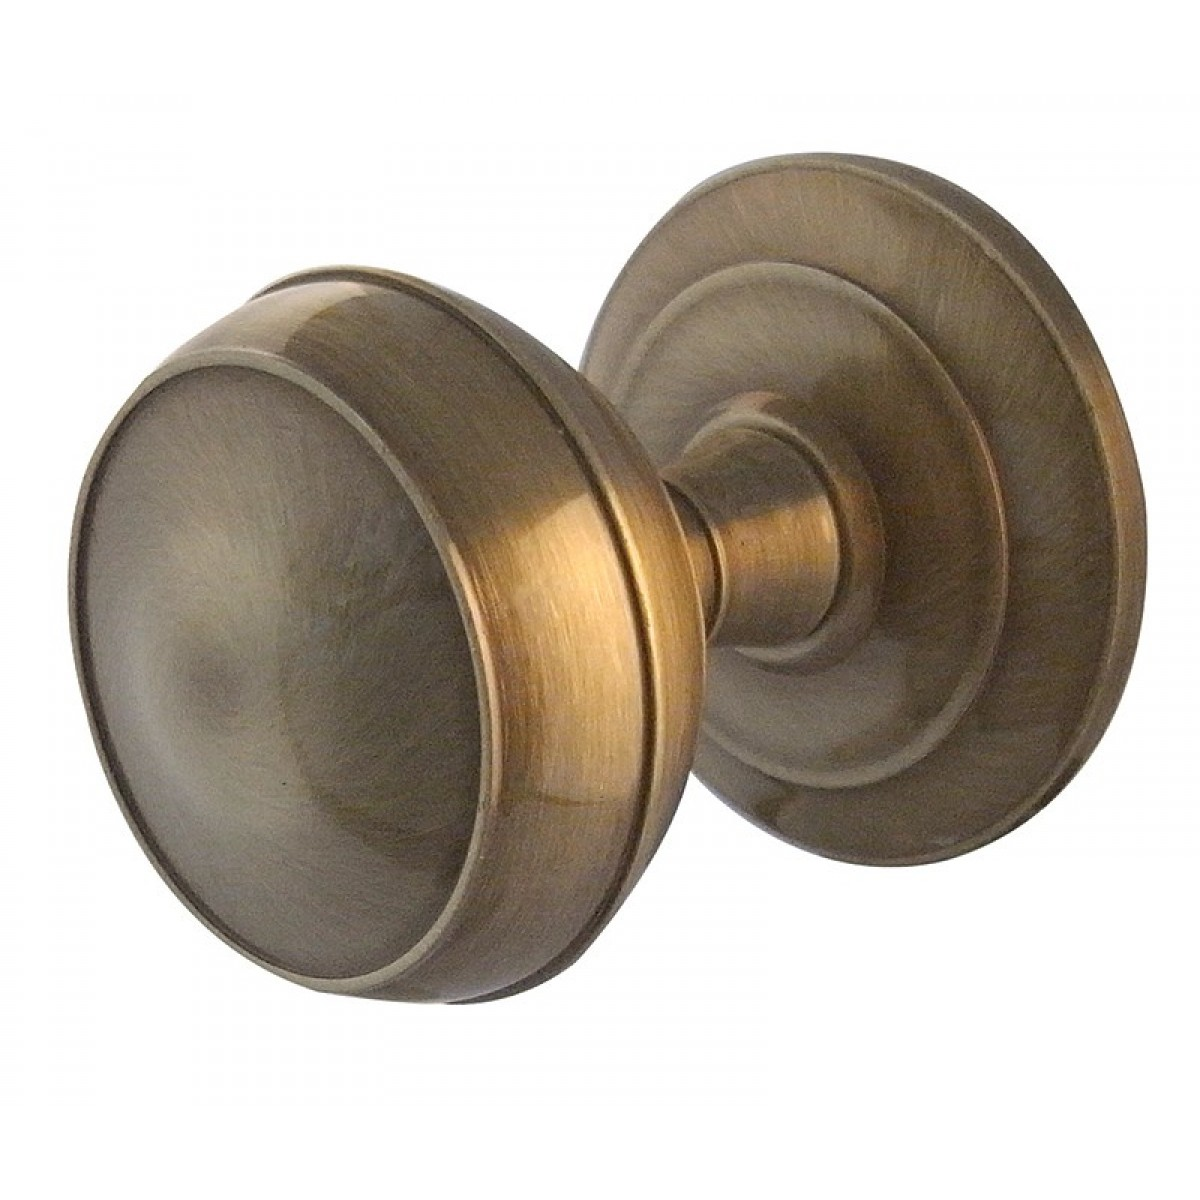 metal door knobs photo - 12